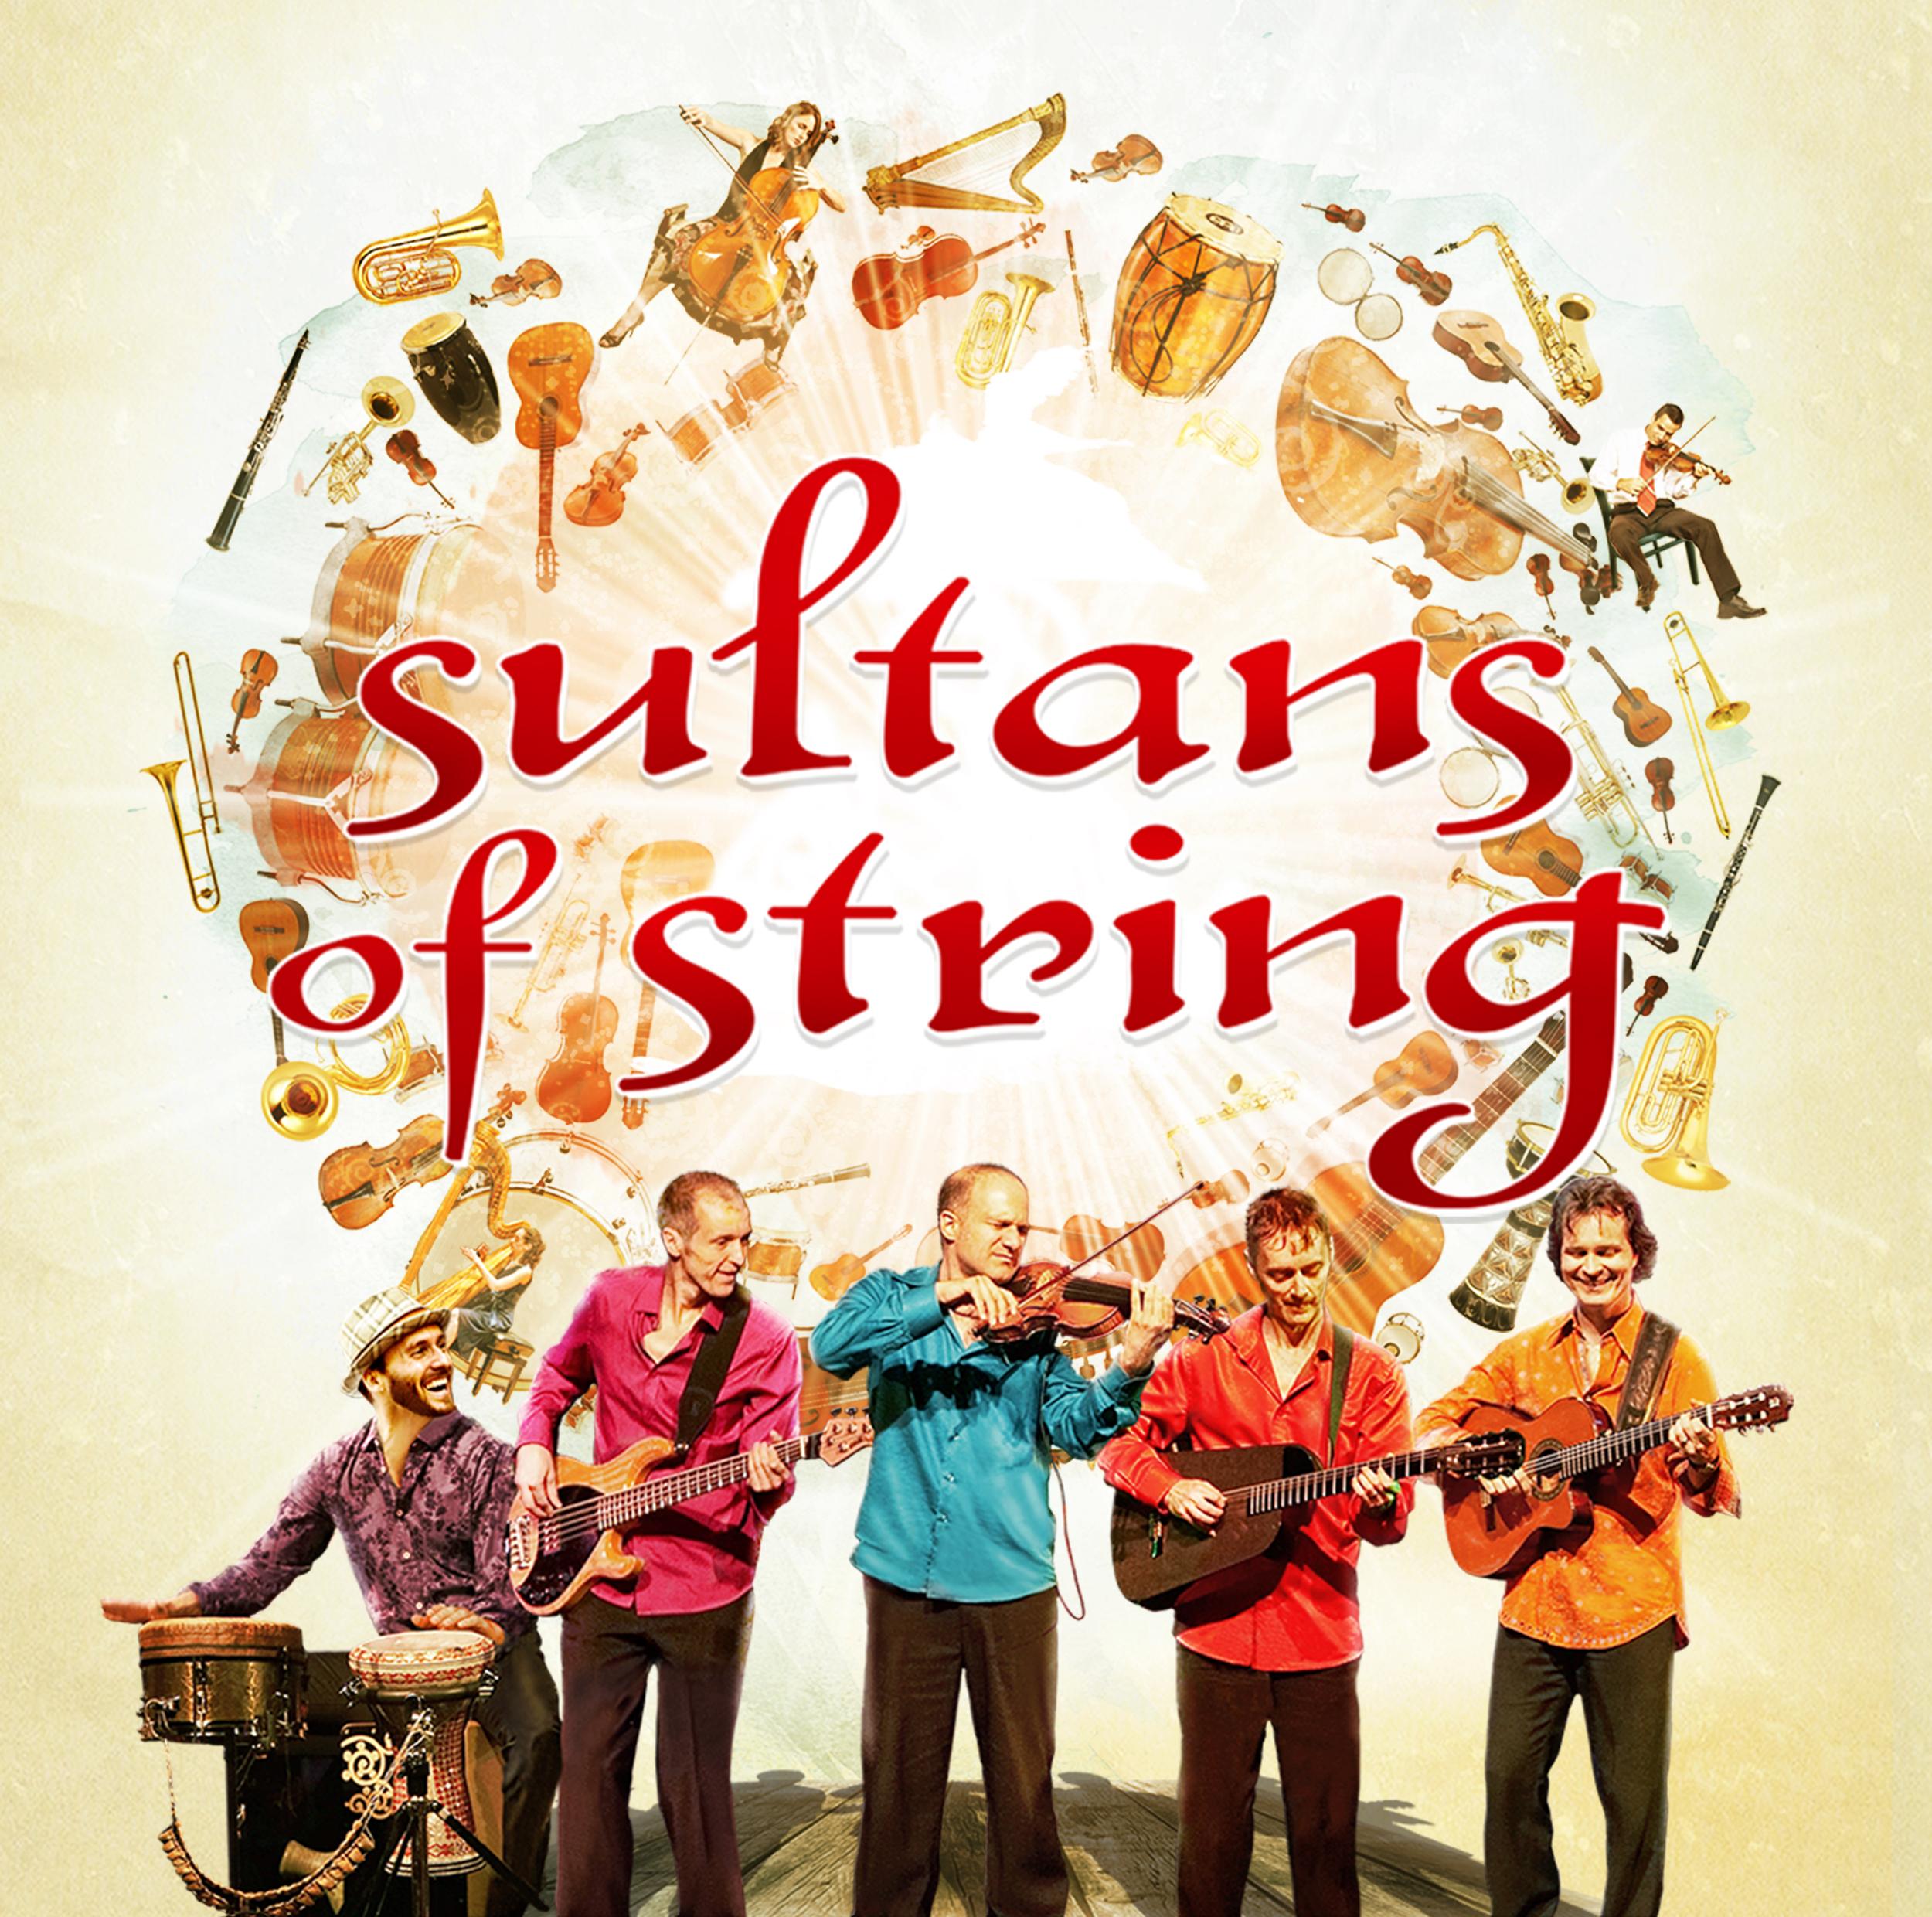 sultans_quintet_large.jpg